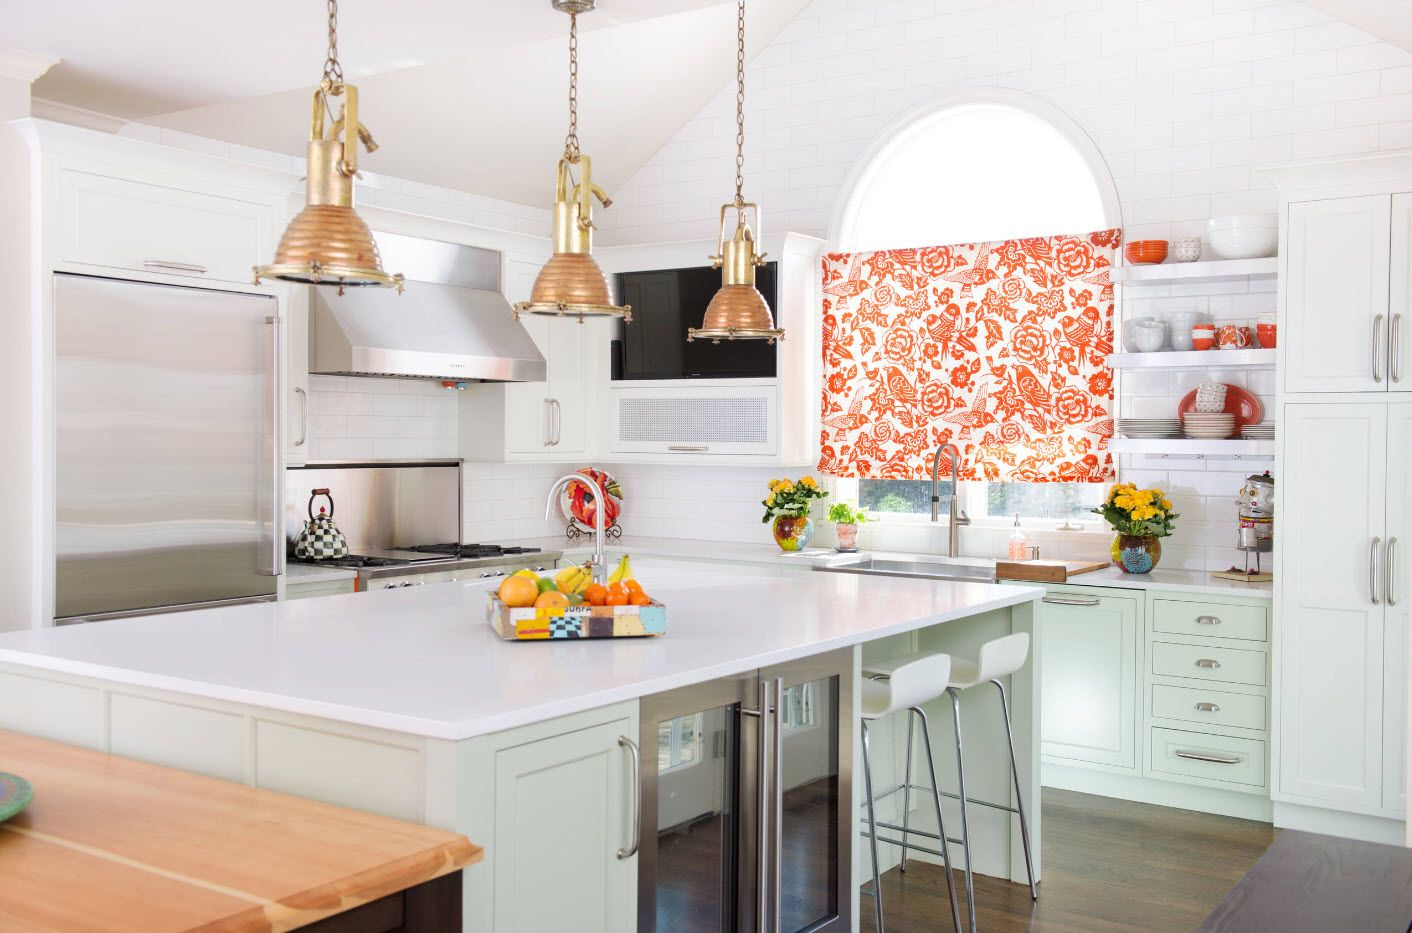 Перед тем как приняться за пошив штор на кухню, нужно выбрать модель и ткань для ее изготовления